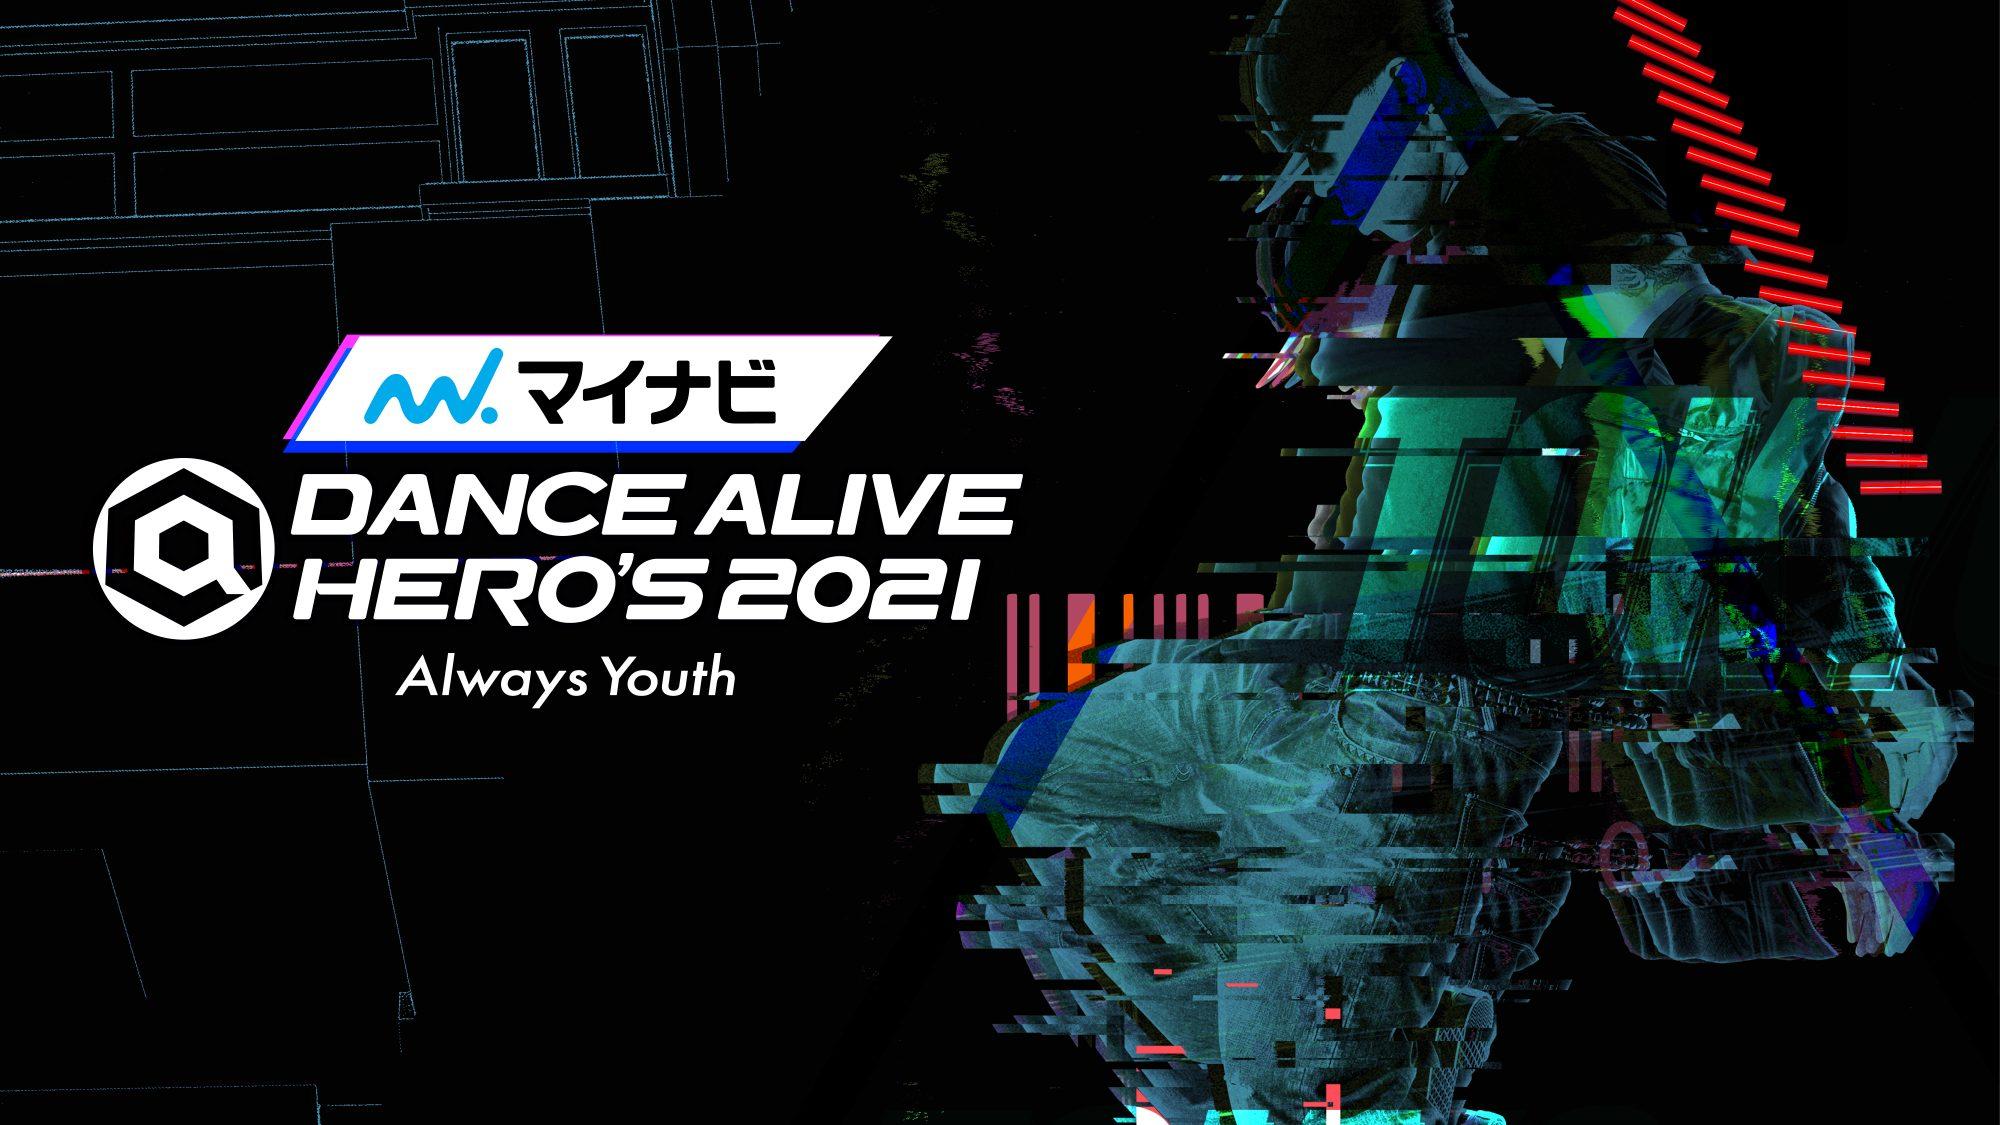 マイナビDANCE ALIVE HERO'S 2021シーズン、スタート